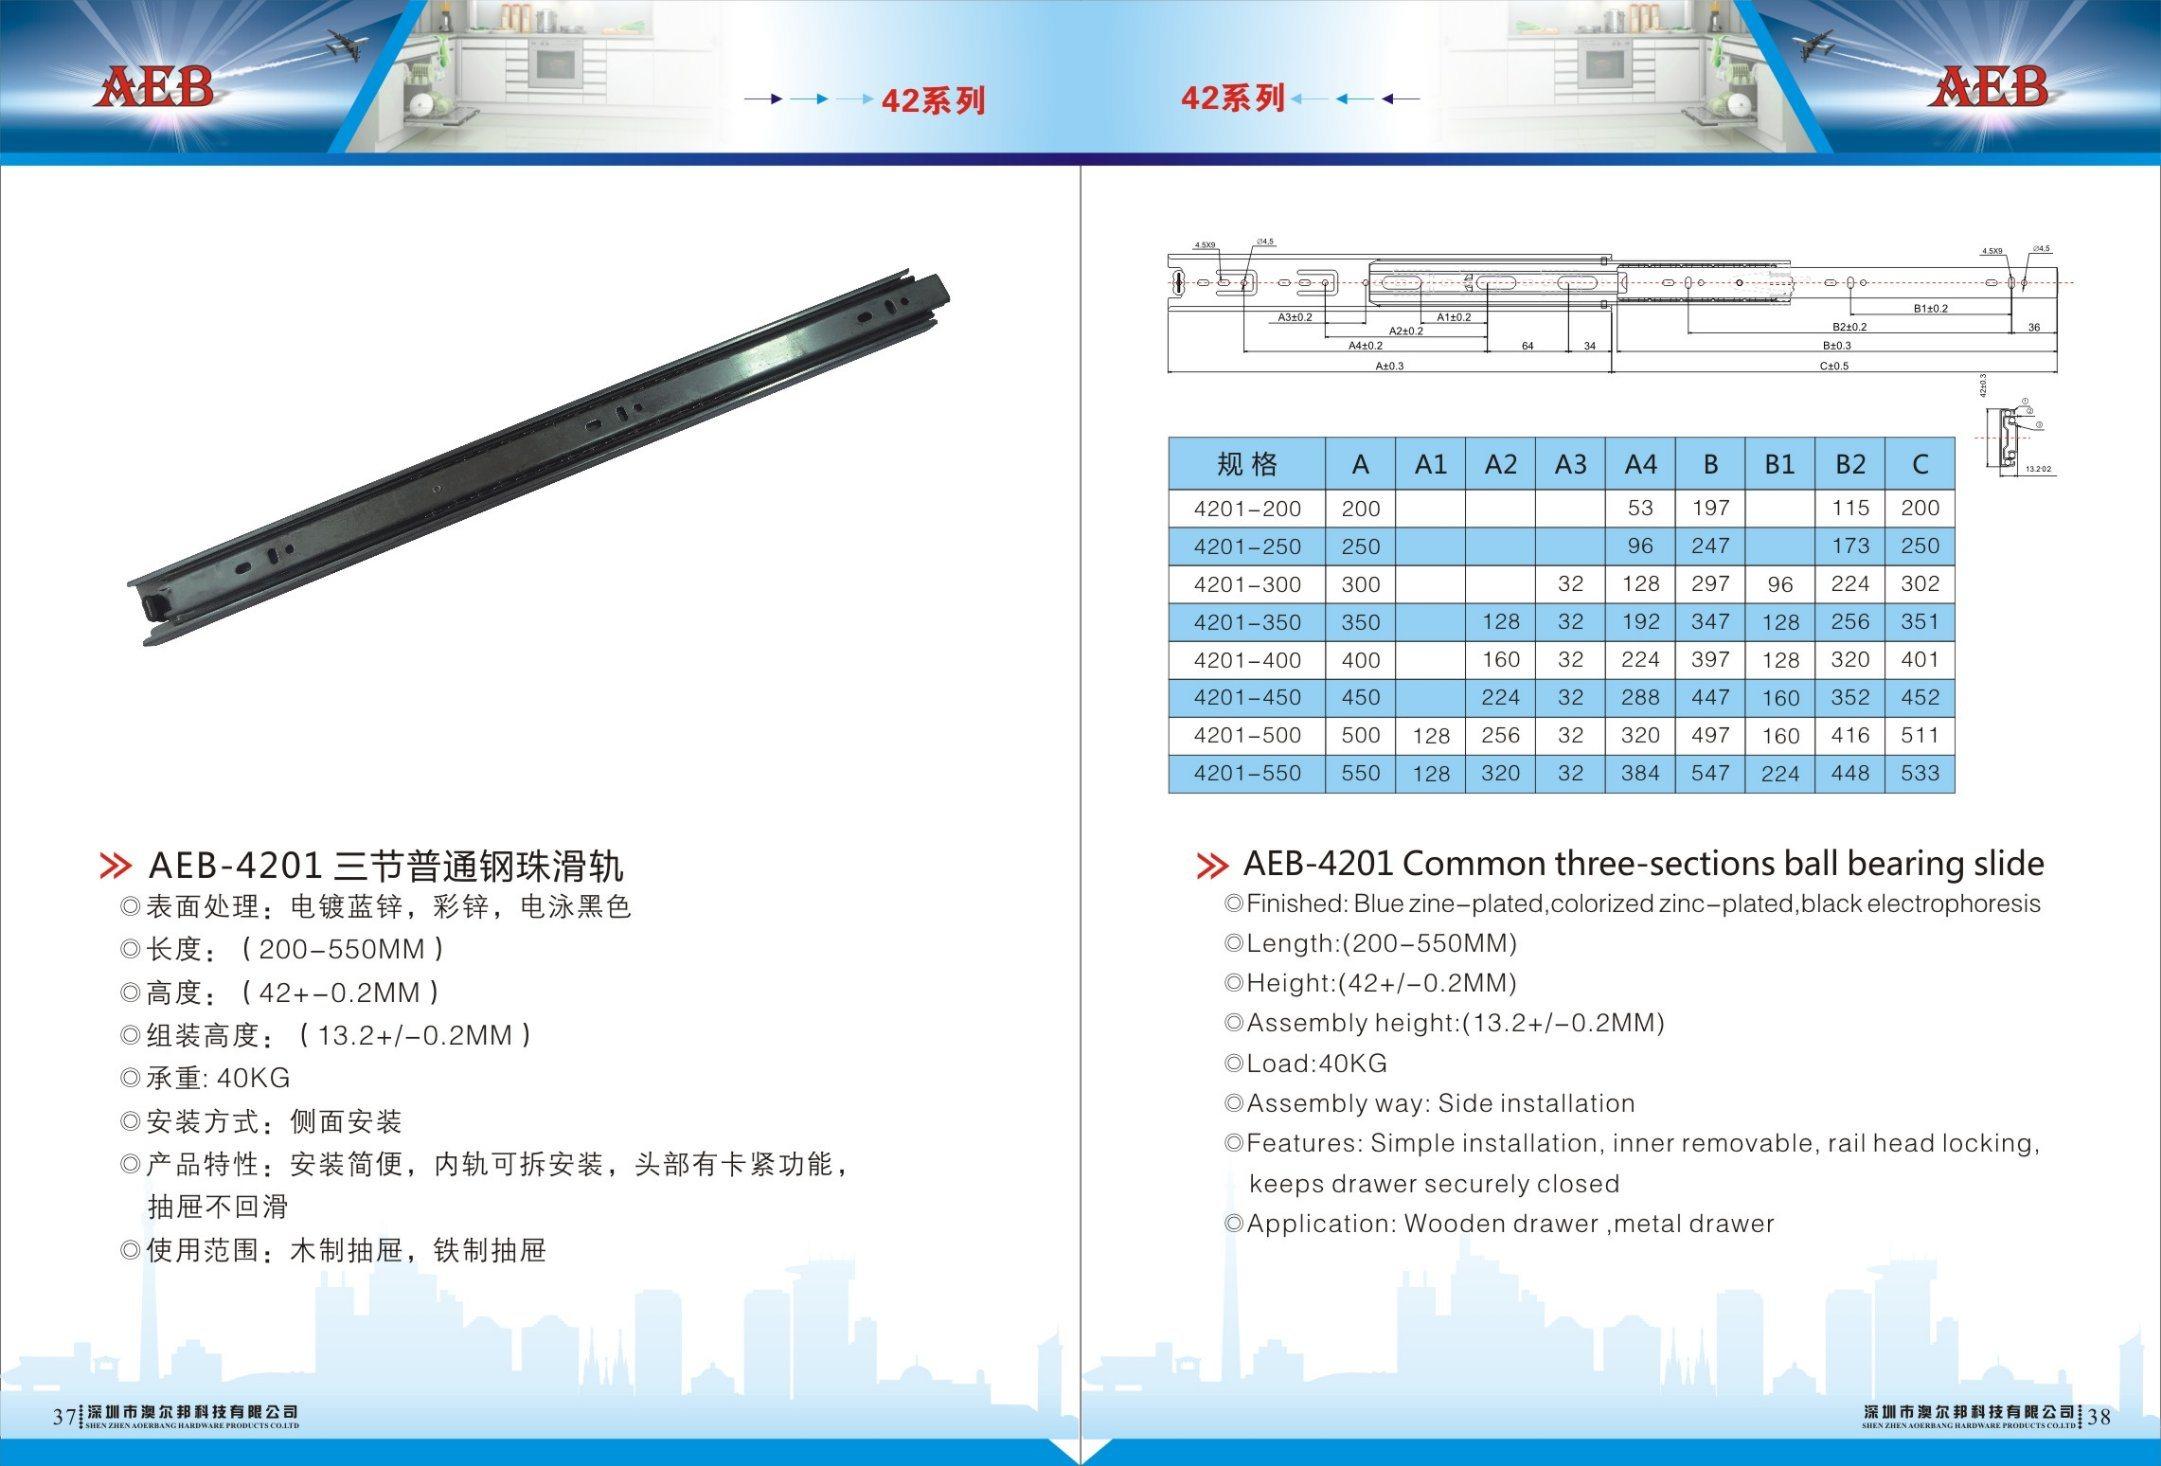 42mm Full Extension Ball Bearing Drawer Slide